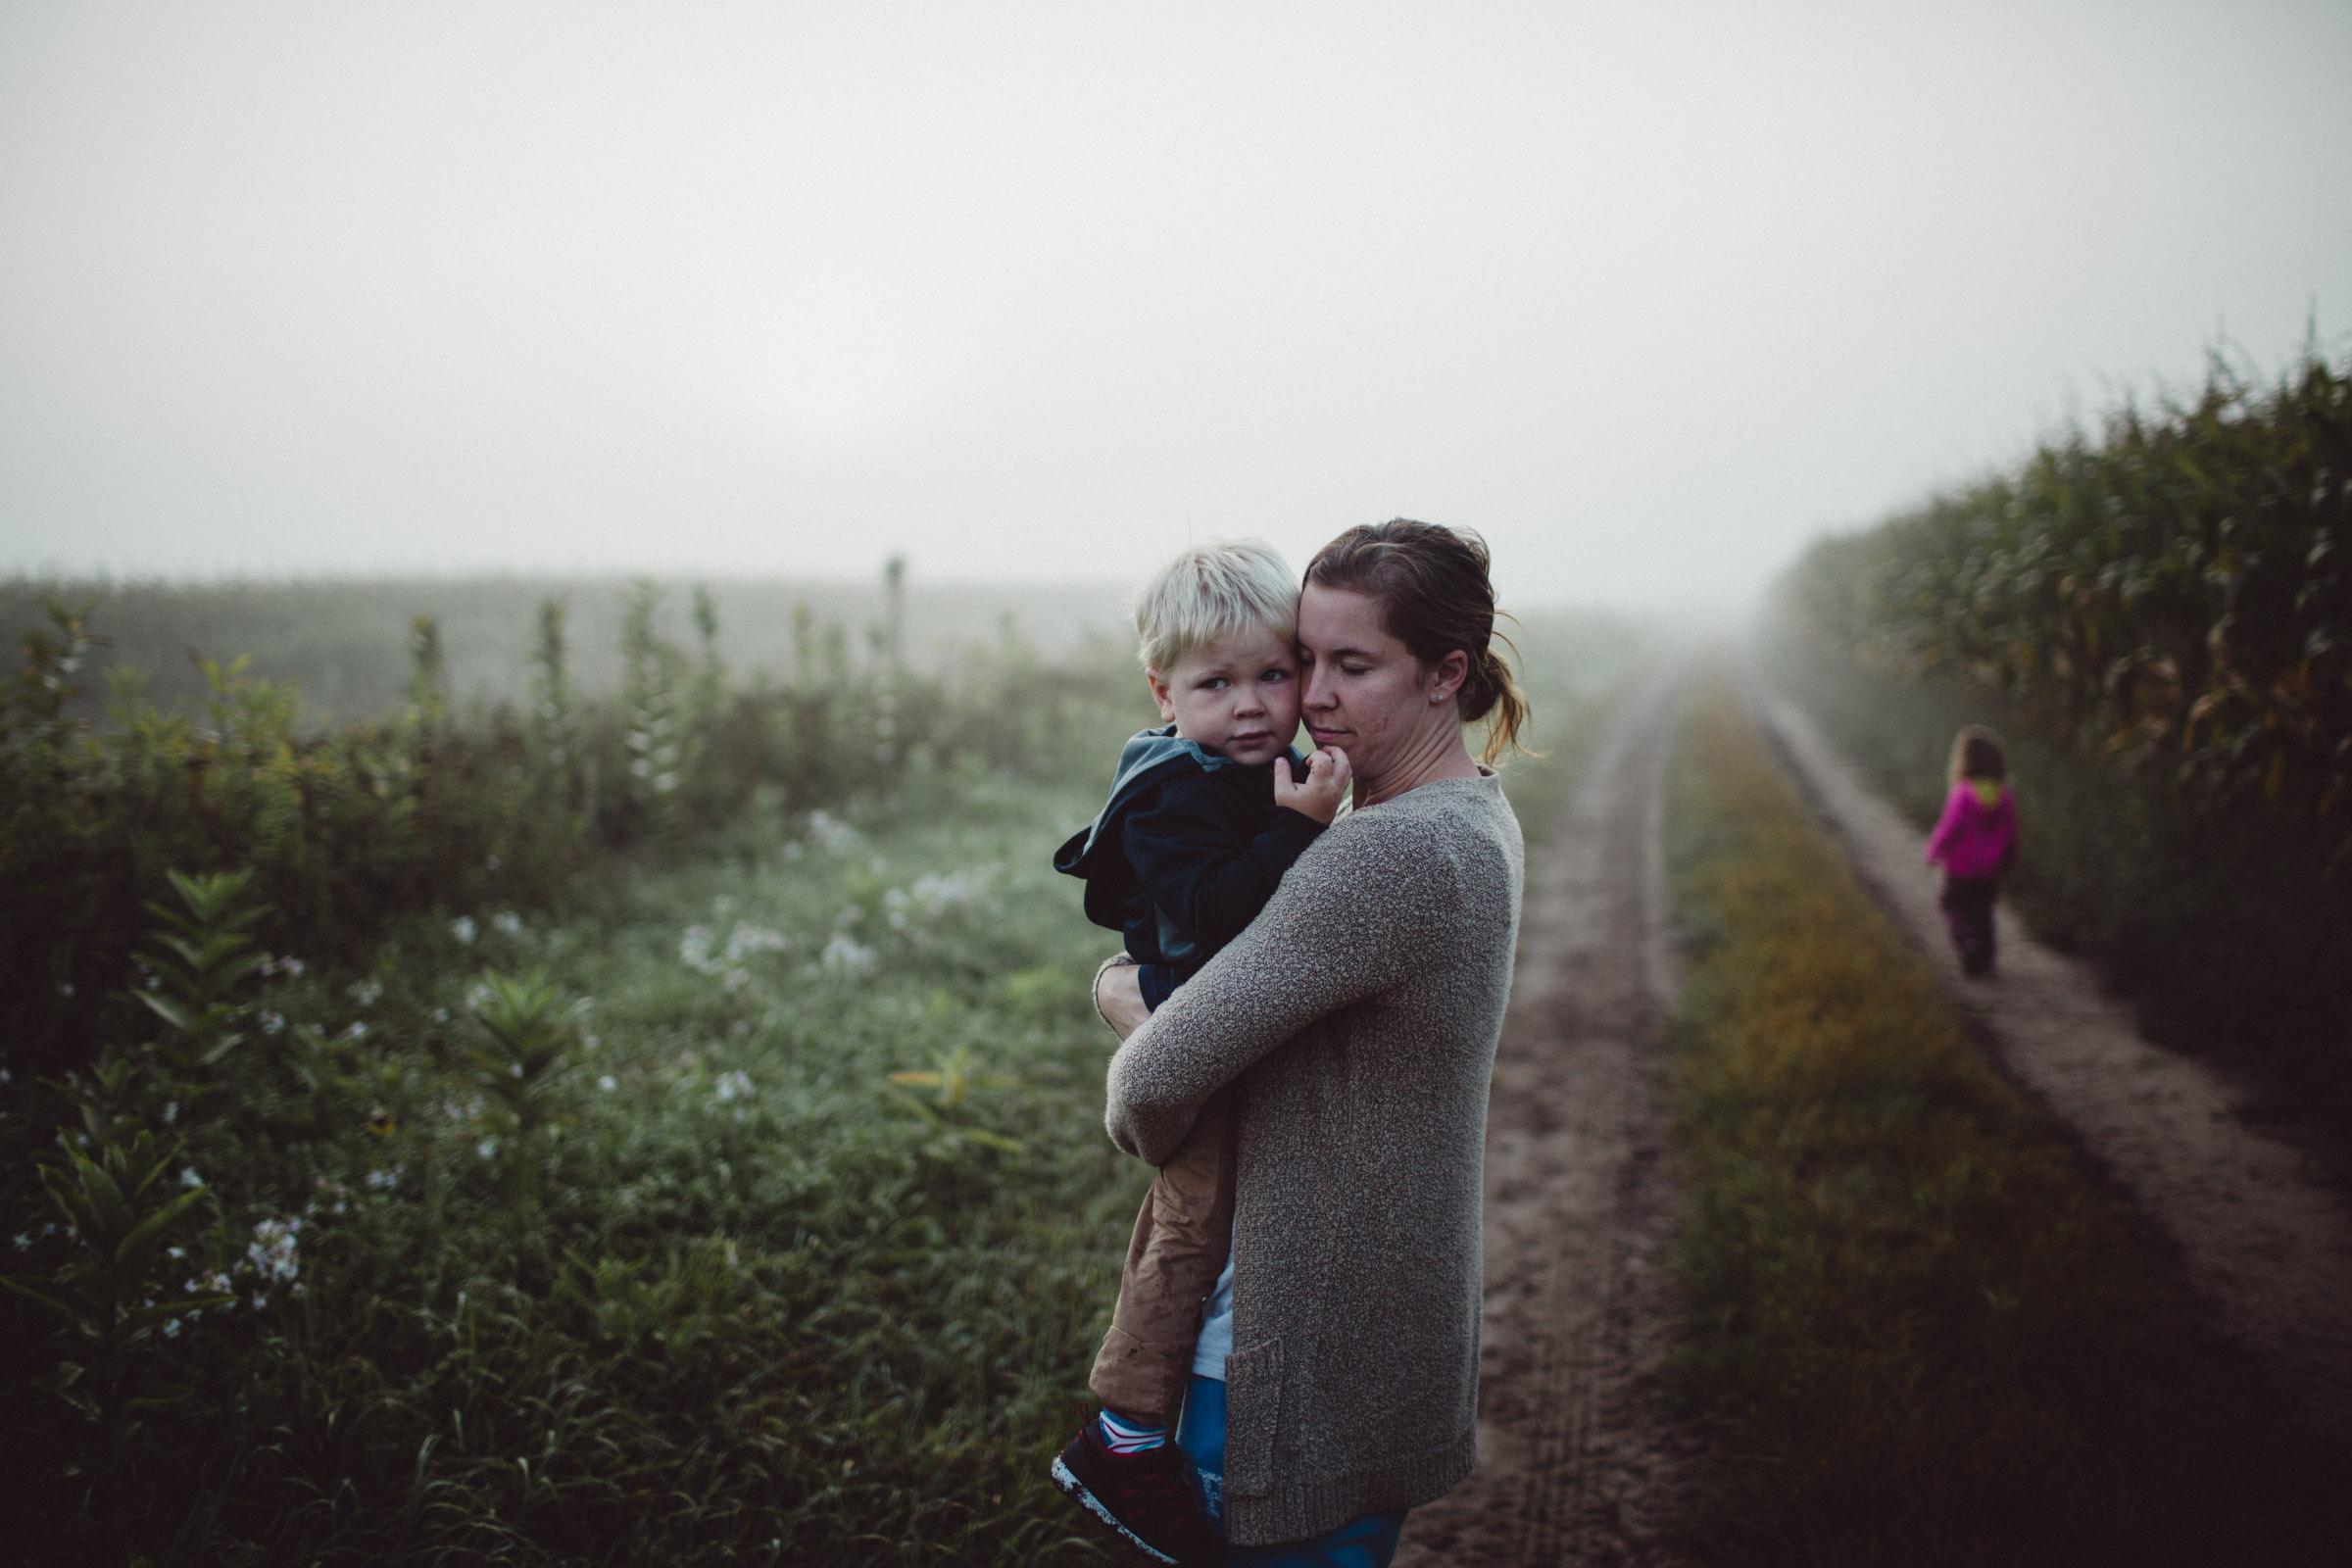 mother snuggling son in field in fog